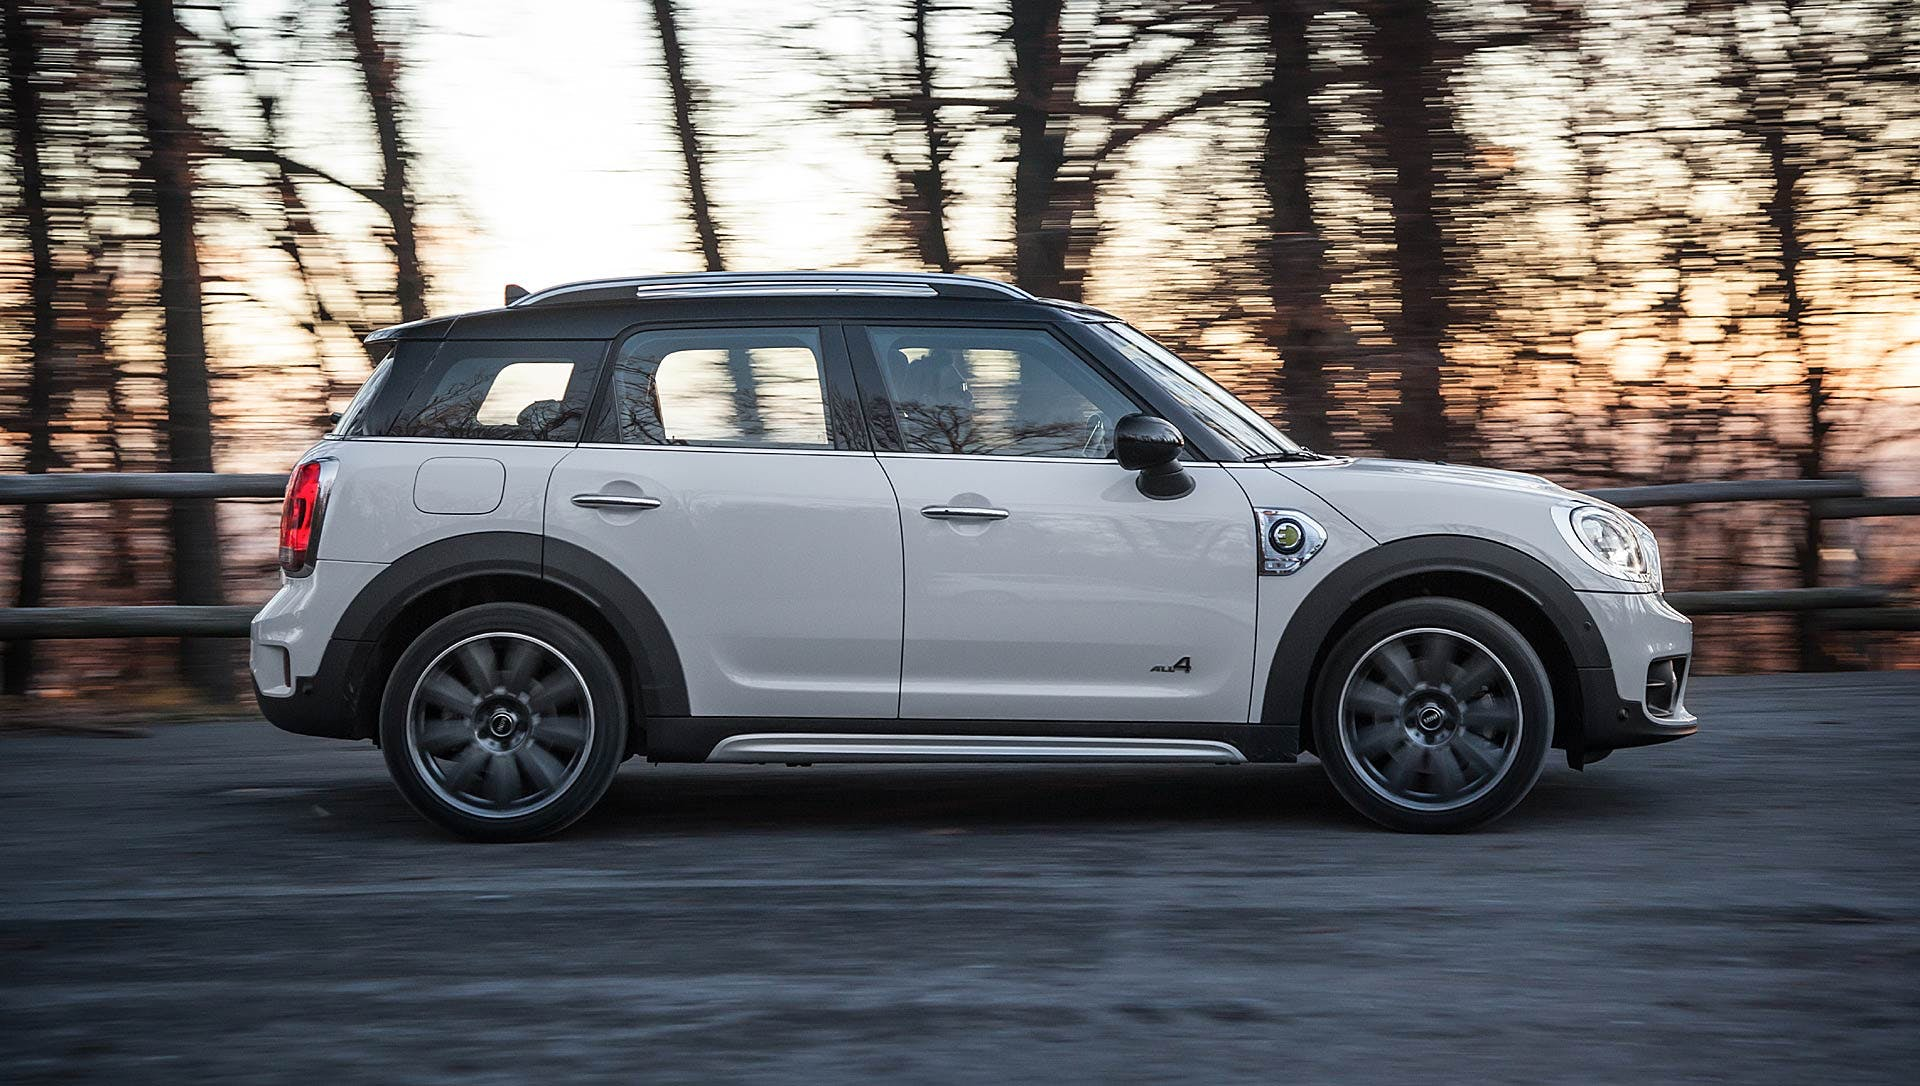 Mini Cooper Countryman SE bianca in curva con sfondo di alberi e tramonto